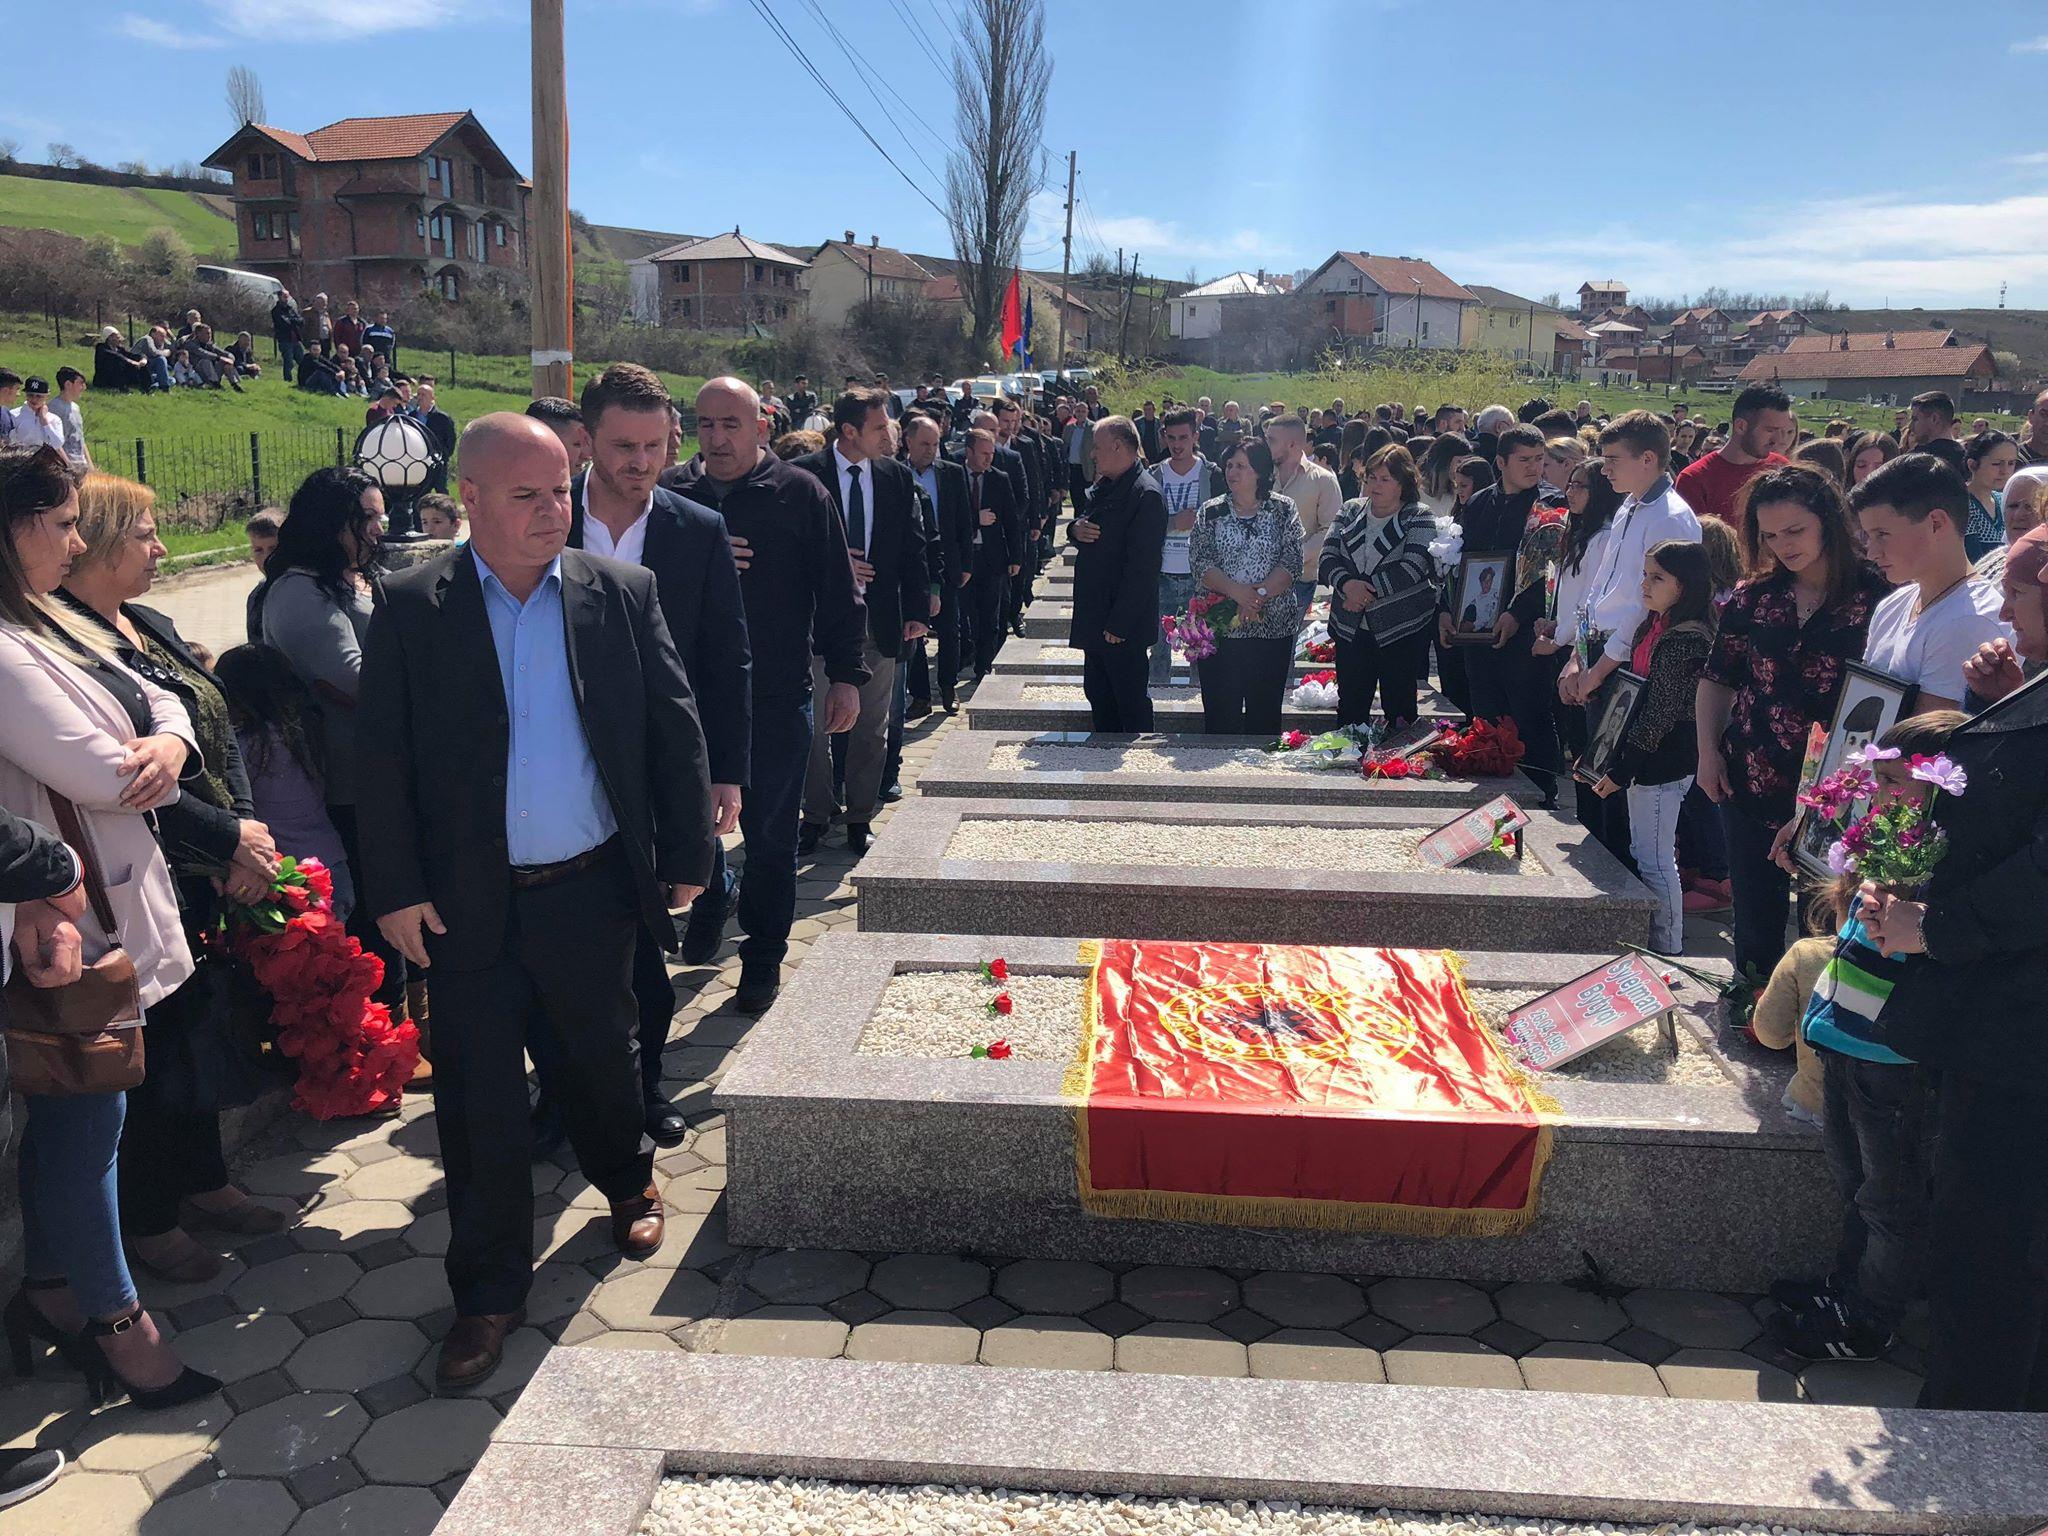 Përkujtohen 31 të rënët në Opterushë të Rahovecit